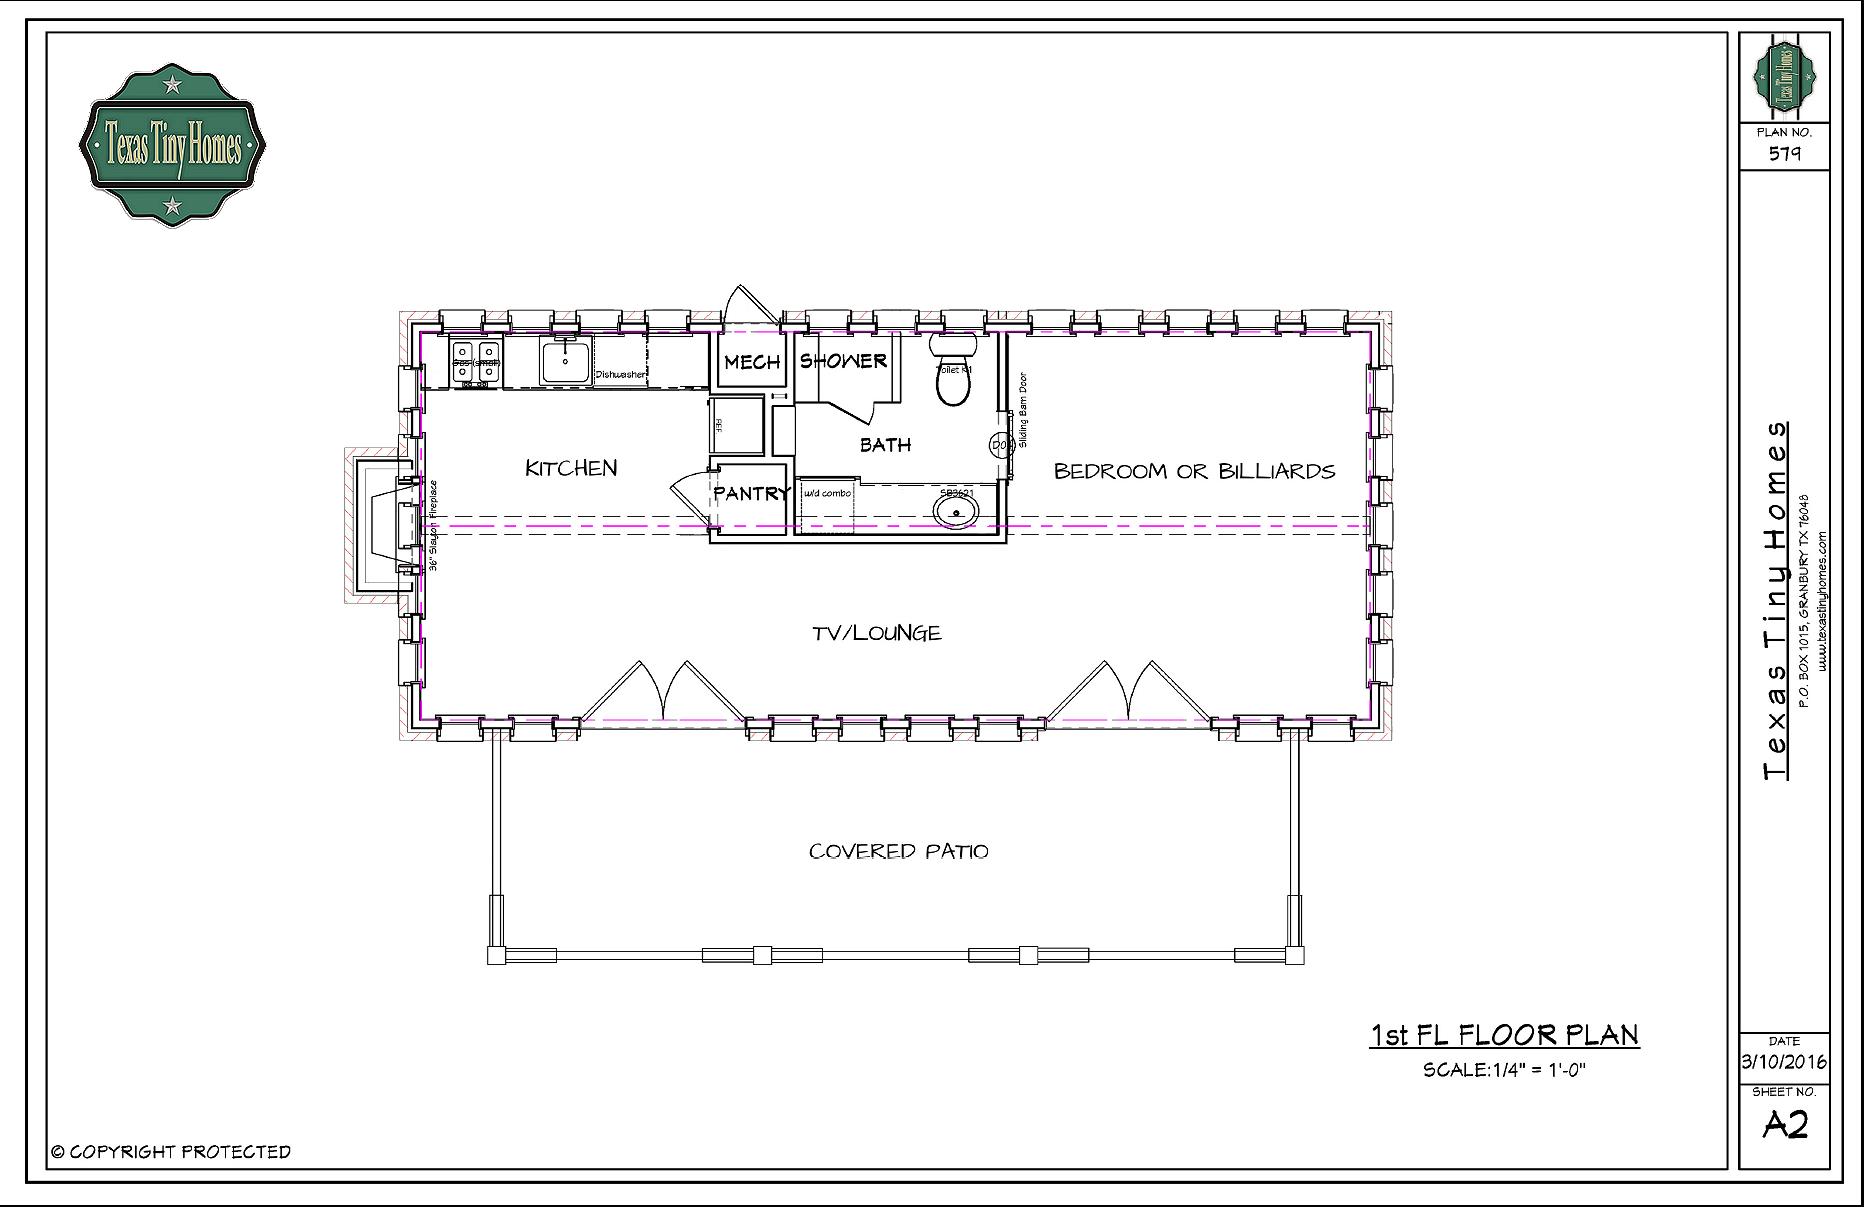 Cabana House Plans, Backyard Cabana Houses, Plans For Pool Houses, Backyard Party Houses, Mother In Law Suites, Mother In Law Guest Homes, Backyard Guest Houses